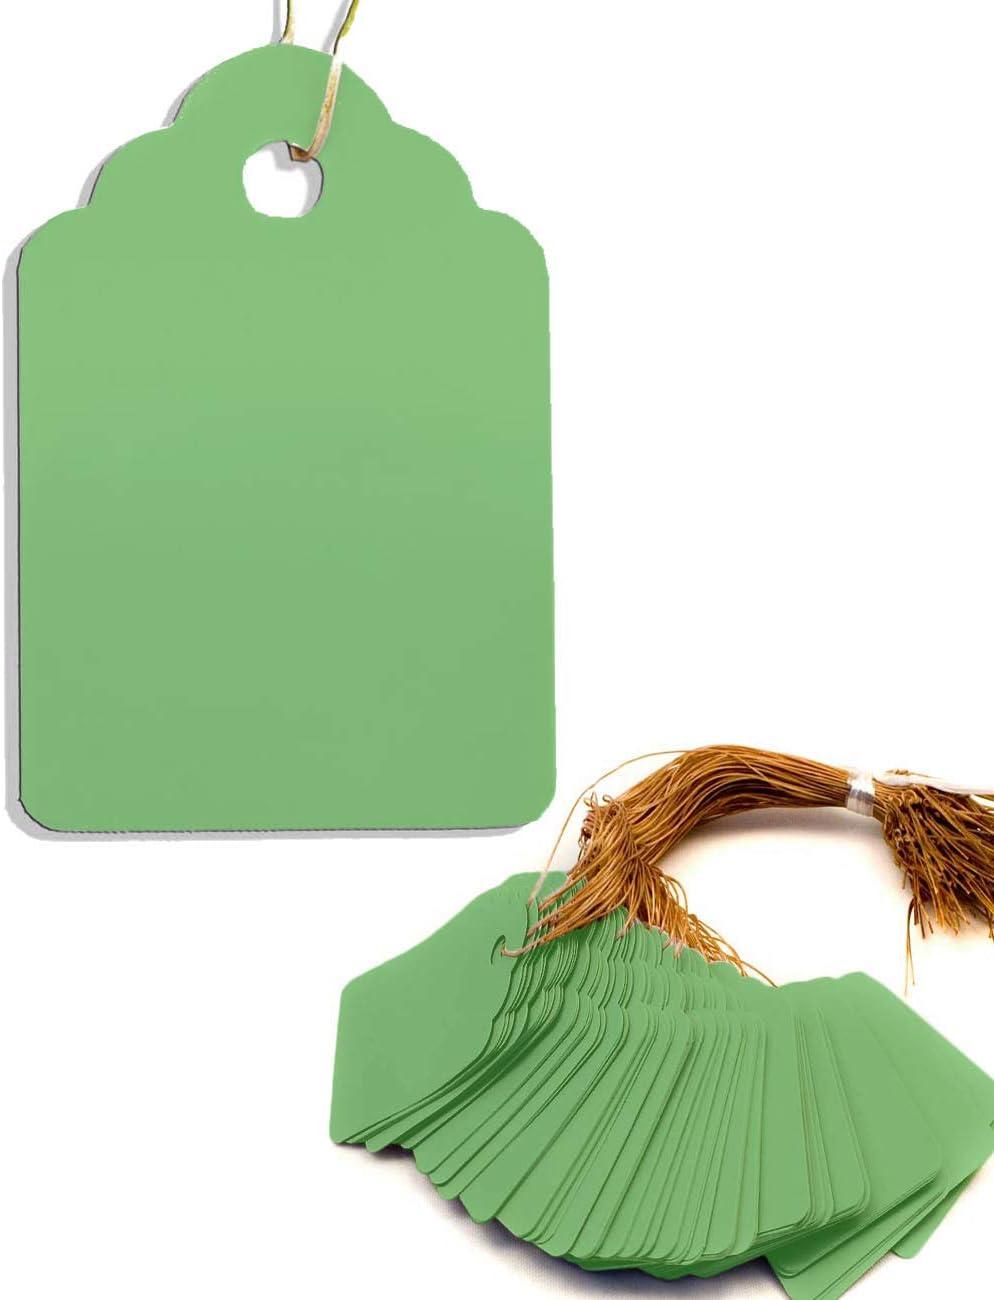 HomeTools.eu/® Str/äuchern 100 St/ück Pflanzen-Anh/änger mit Schnur zur Beschriftung von Pflanzen Kunststoff 3,5 x 2,5cm GR/ÜN verwitterungs-fest